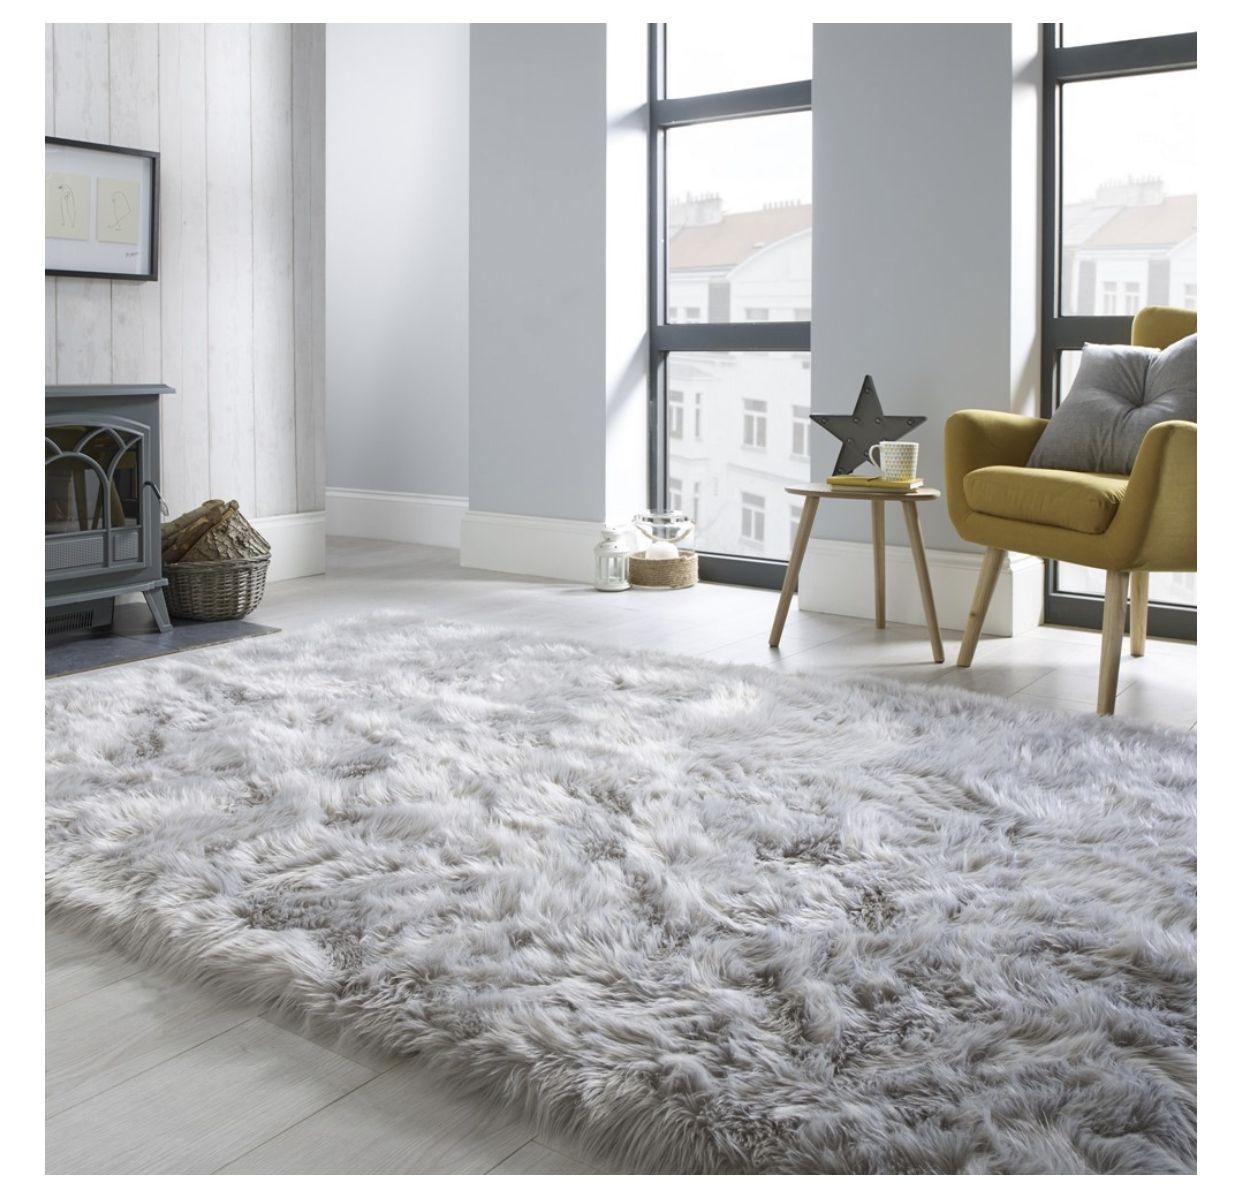 Pin By Bianca Malita On Rug In 2020 Rugs In Living Room Grey Bedroom Rug Gray Rug Living Room #sheepskin #rug #in #living #room